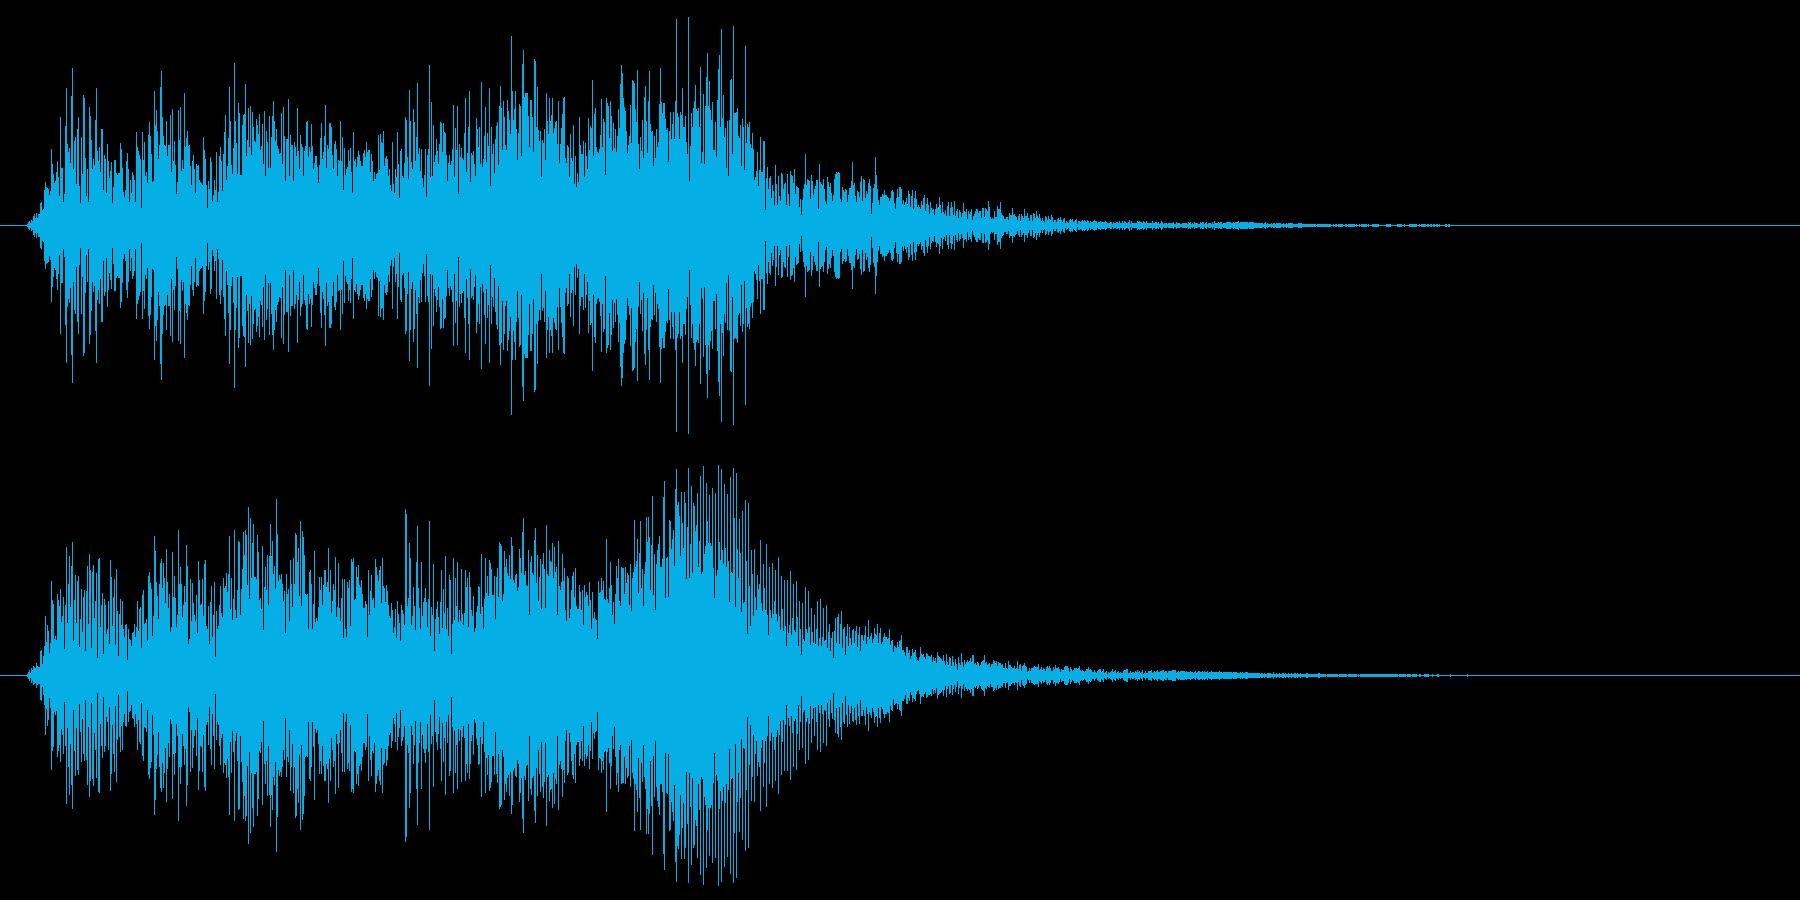 ブラス系の短いゲームクリア 転回音 達成の再生済みの波形